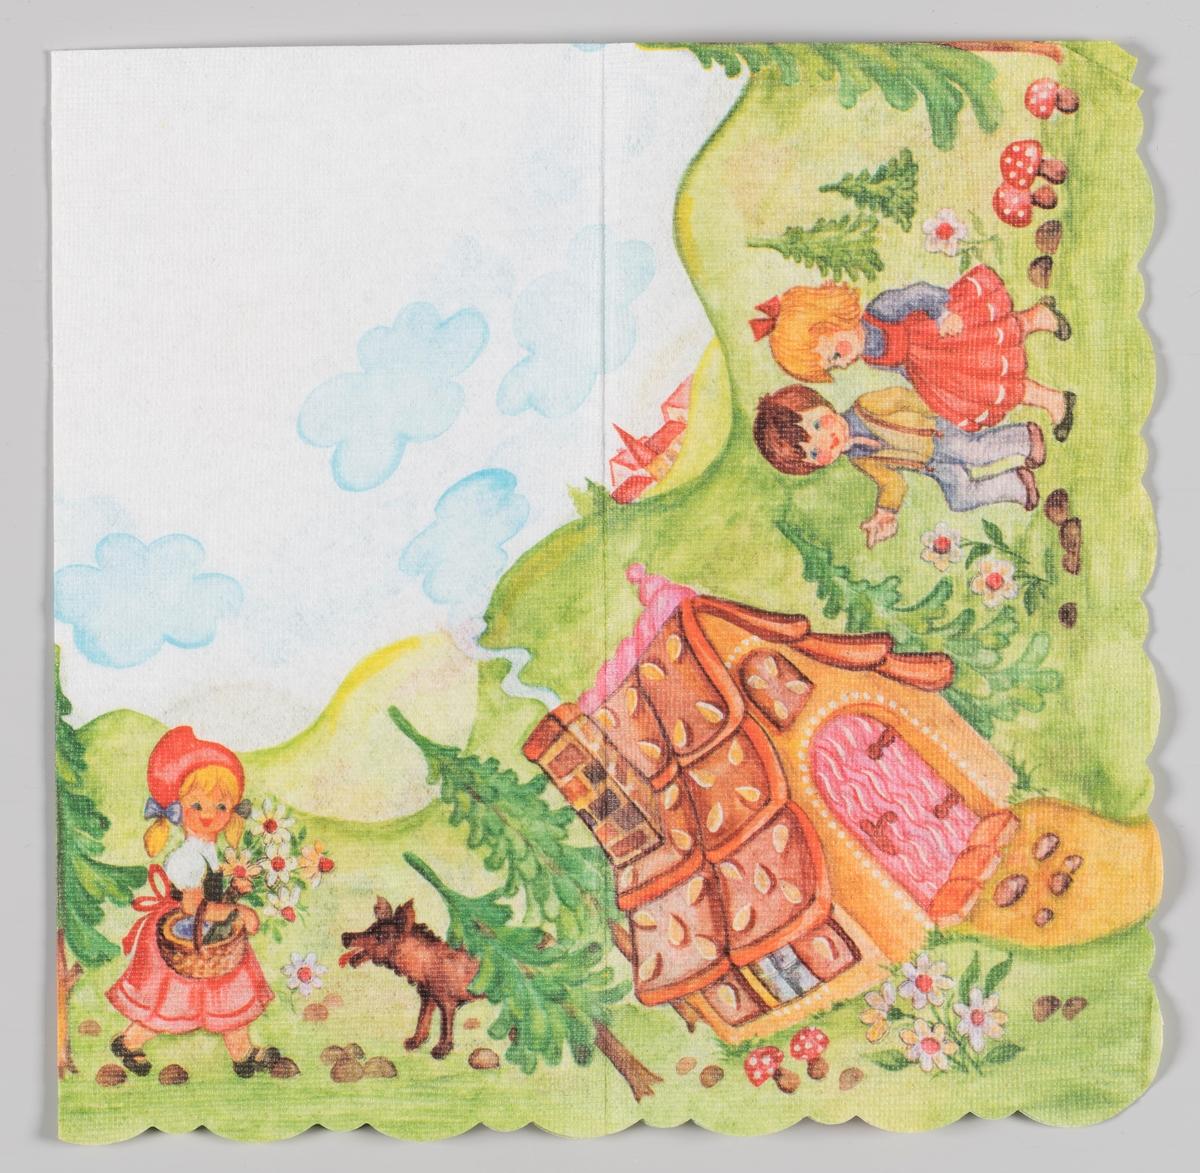 Motiver fra eventyrene Rødhette og Hans og Grethe.